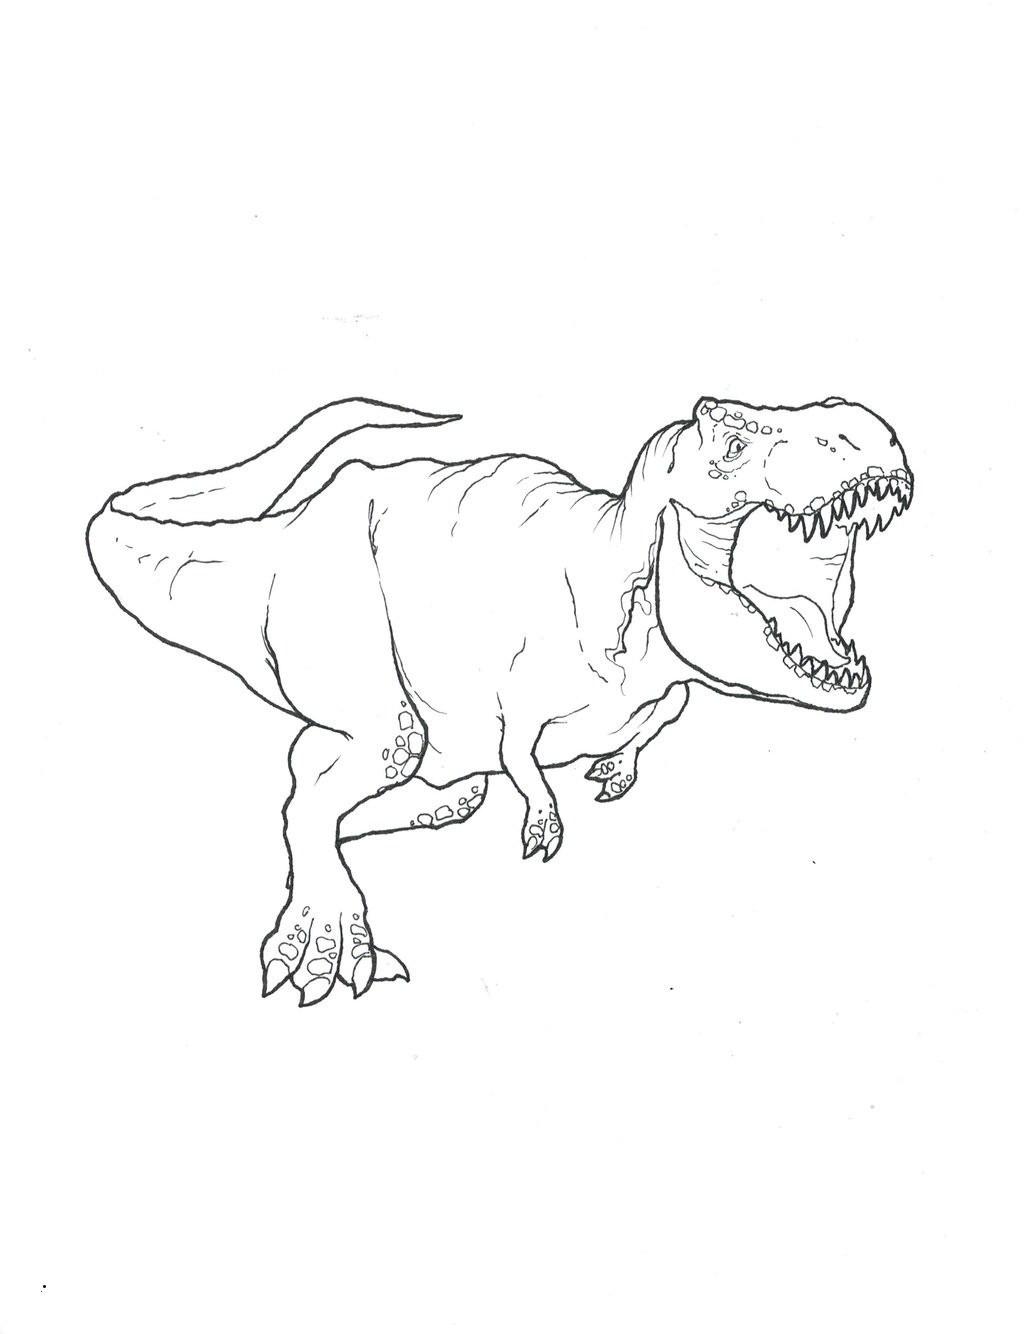 malvorlagen dinosaurier trex  malvorlagen